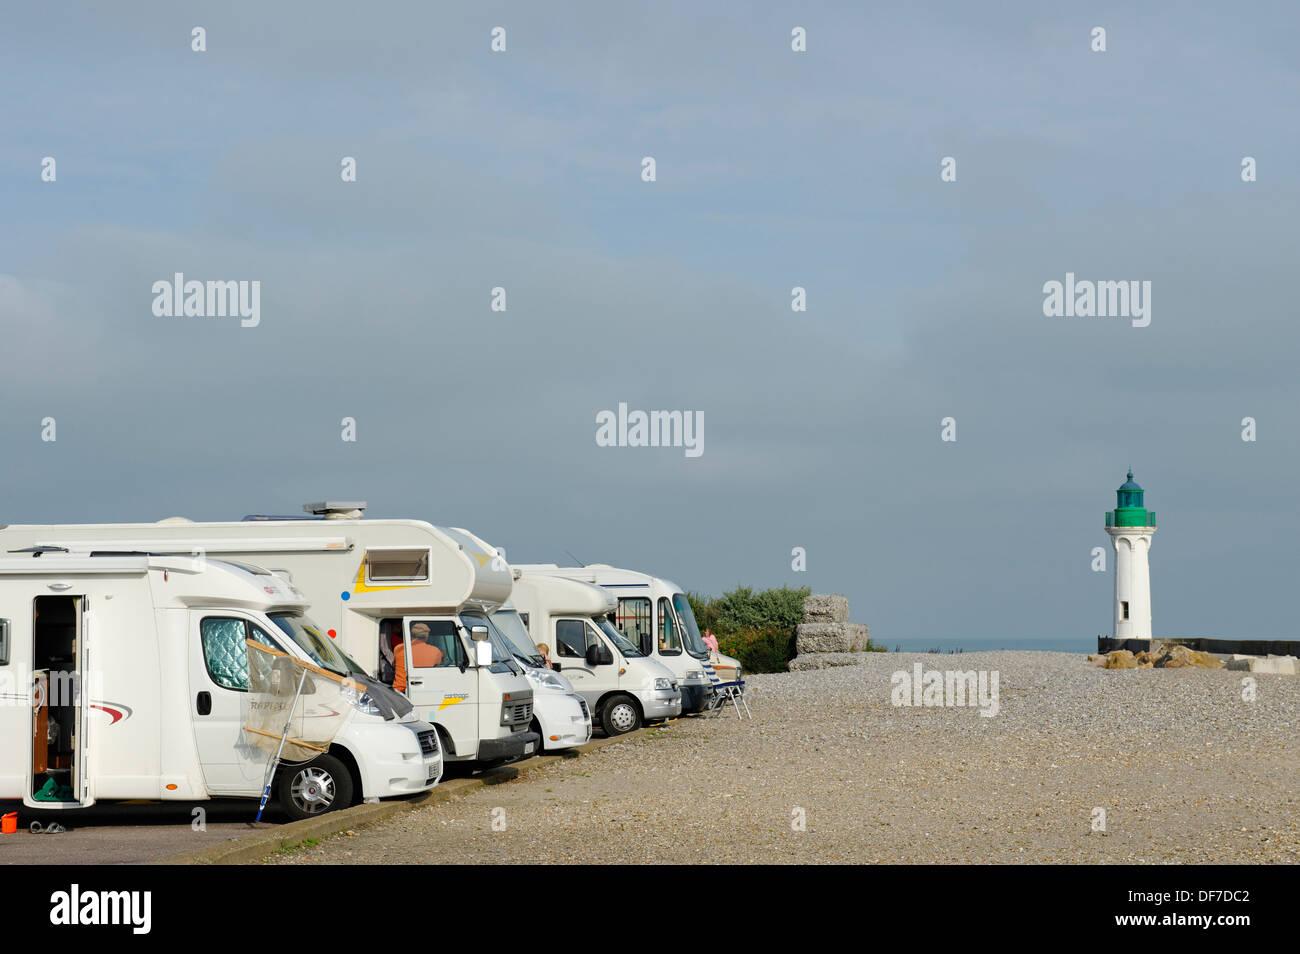 Camping van parking site, Saint-Valery-en-Caux, Département Seine-Maritime, Upper Normandy, France - Stock Image